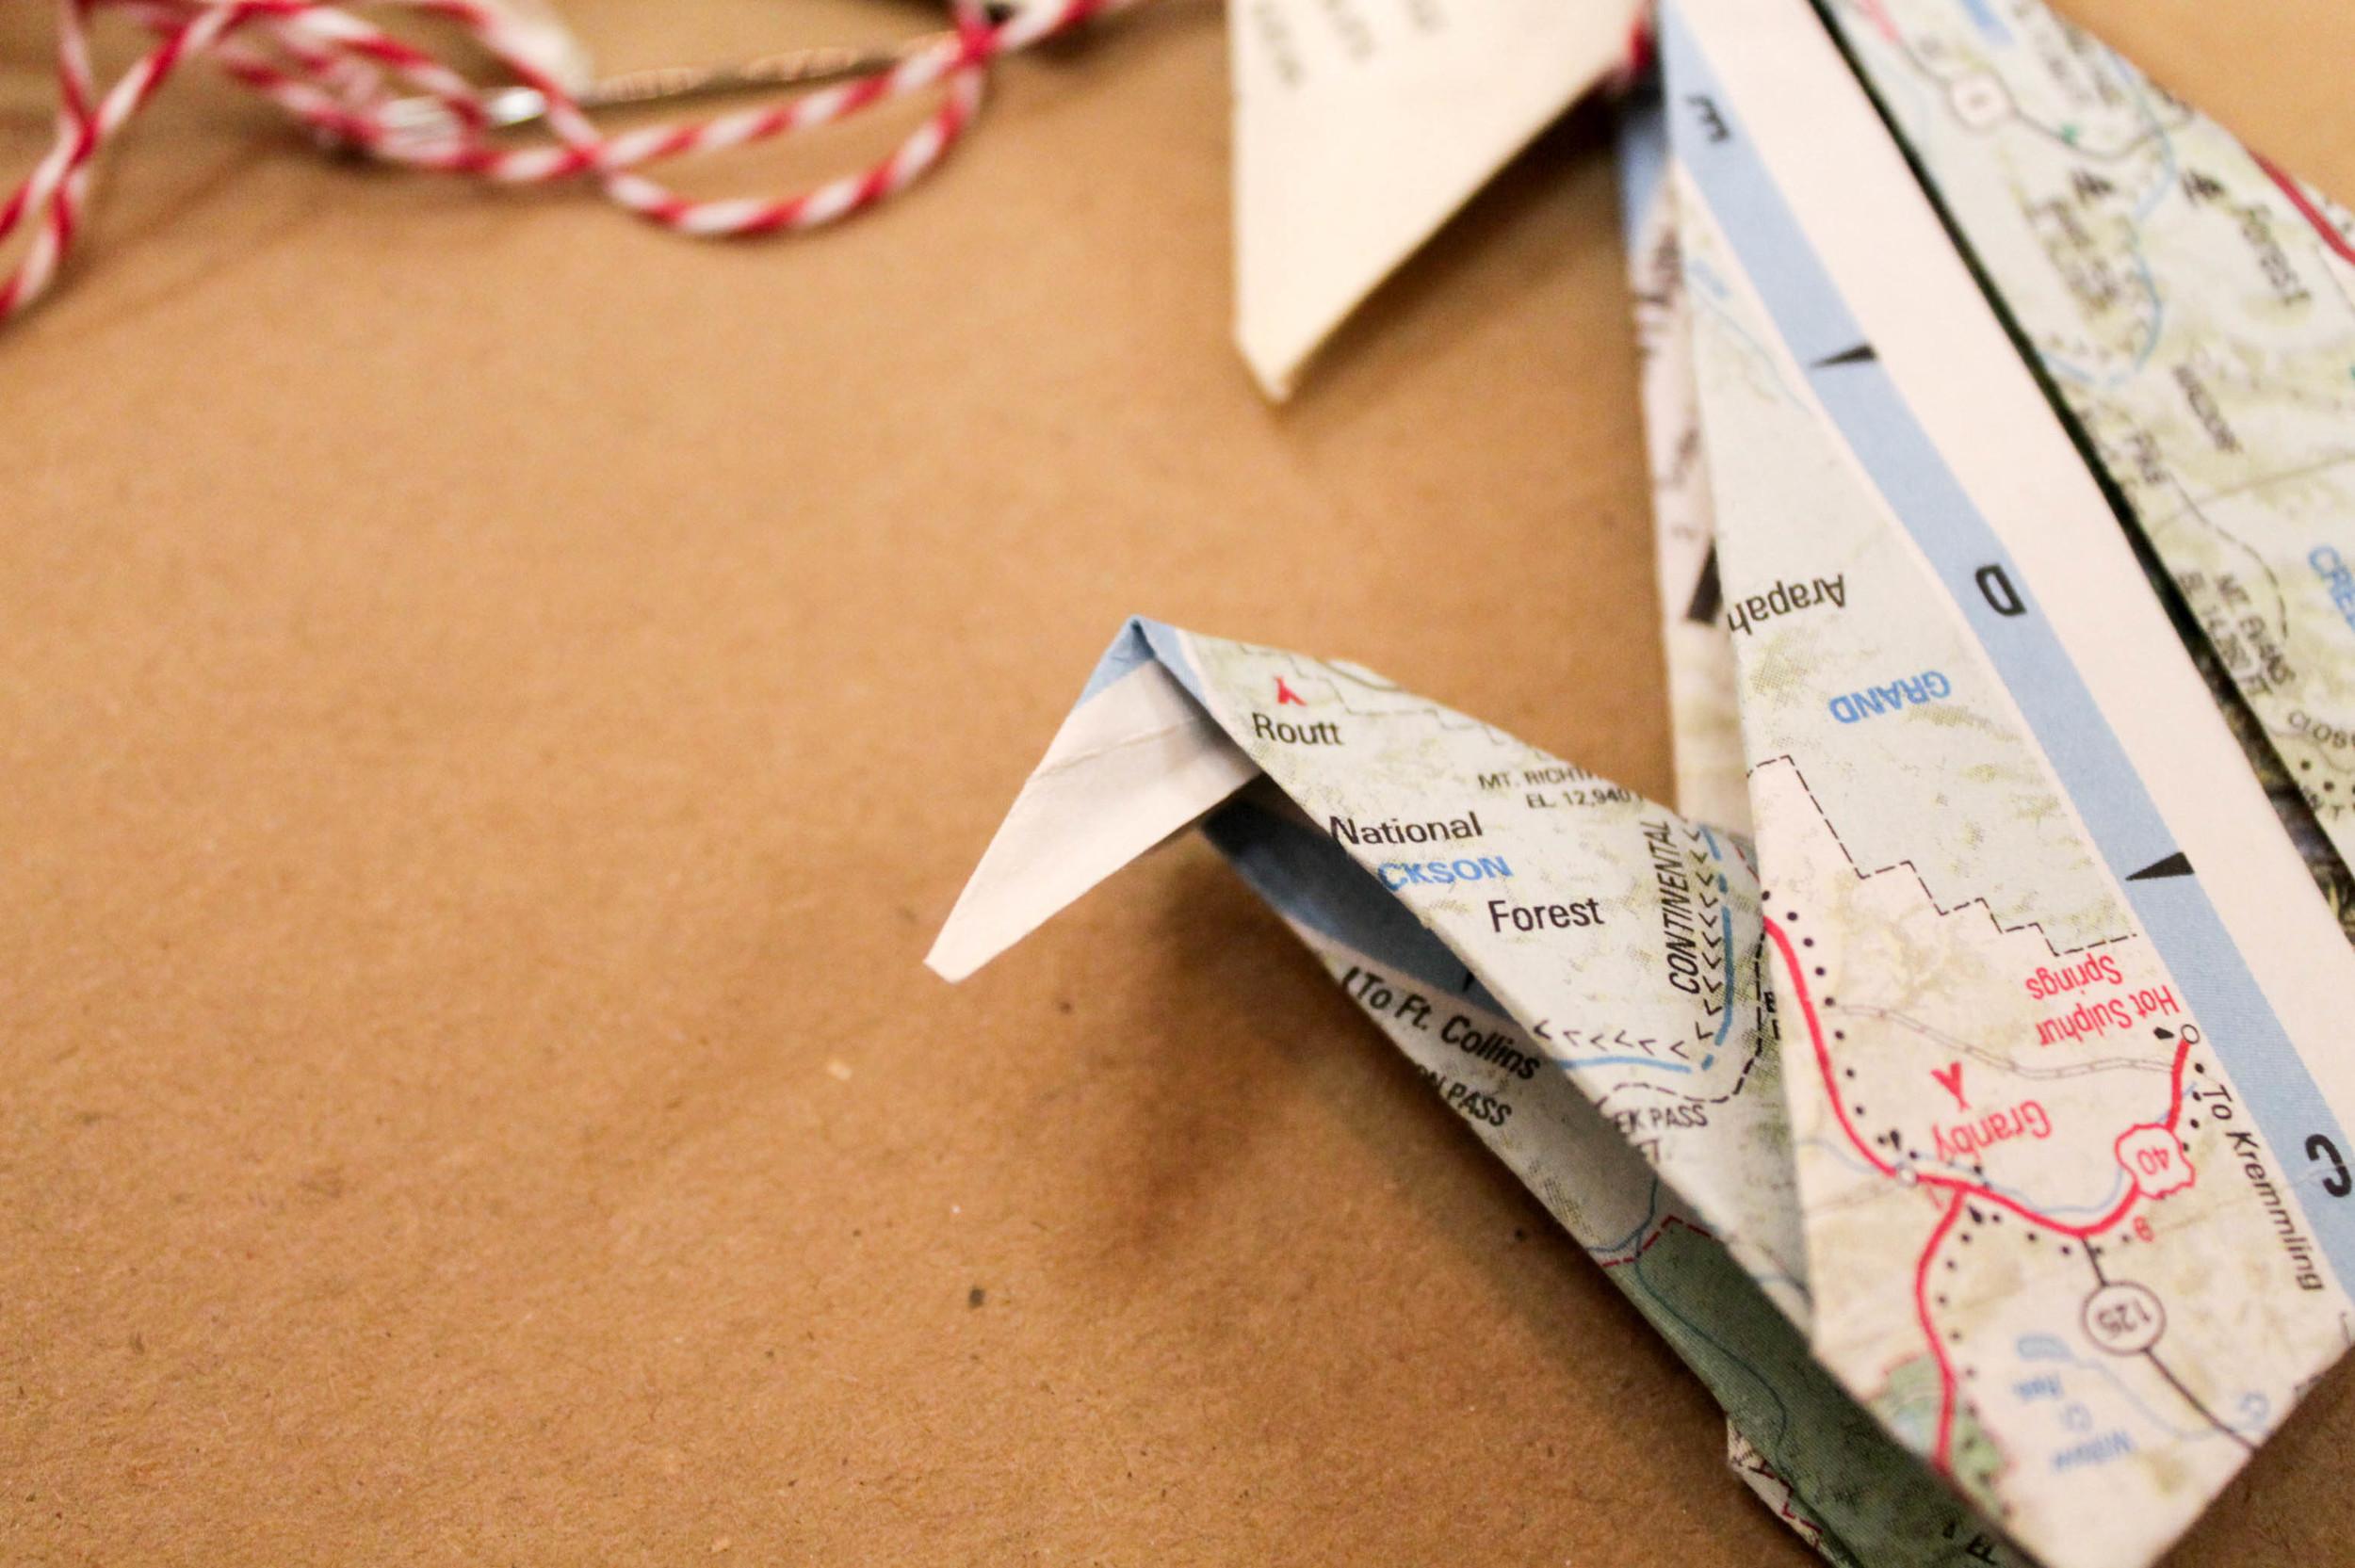 paper-cranes-etxe-21.jpg